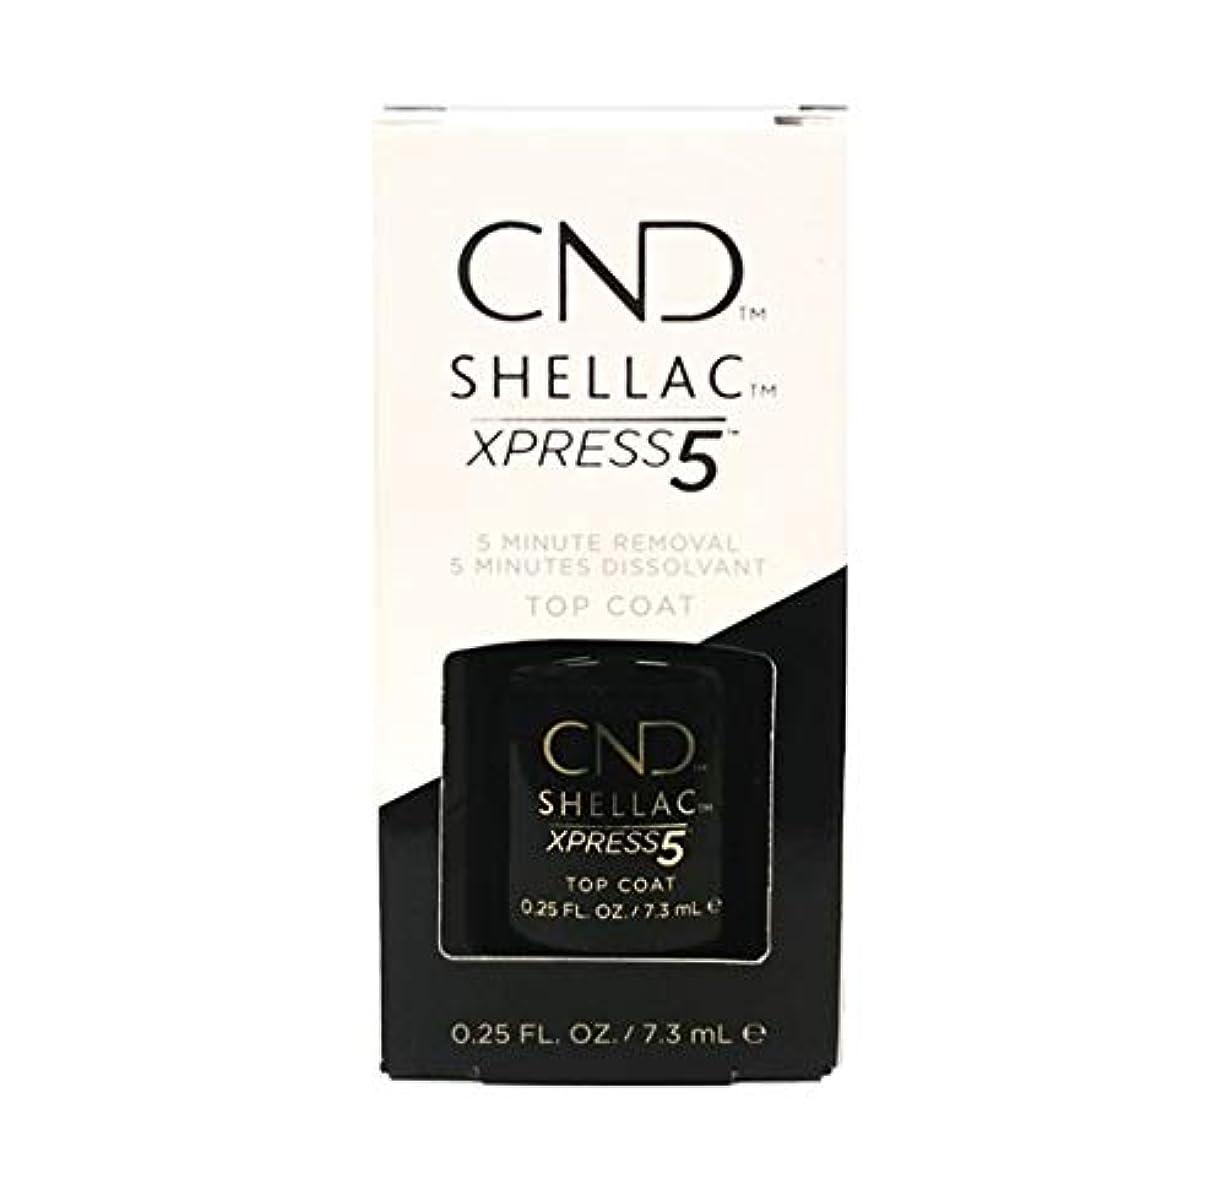 風浸漬適性CND シェラック エクスプレス5 トップコート 7.3ml